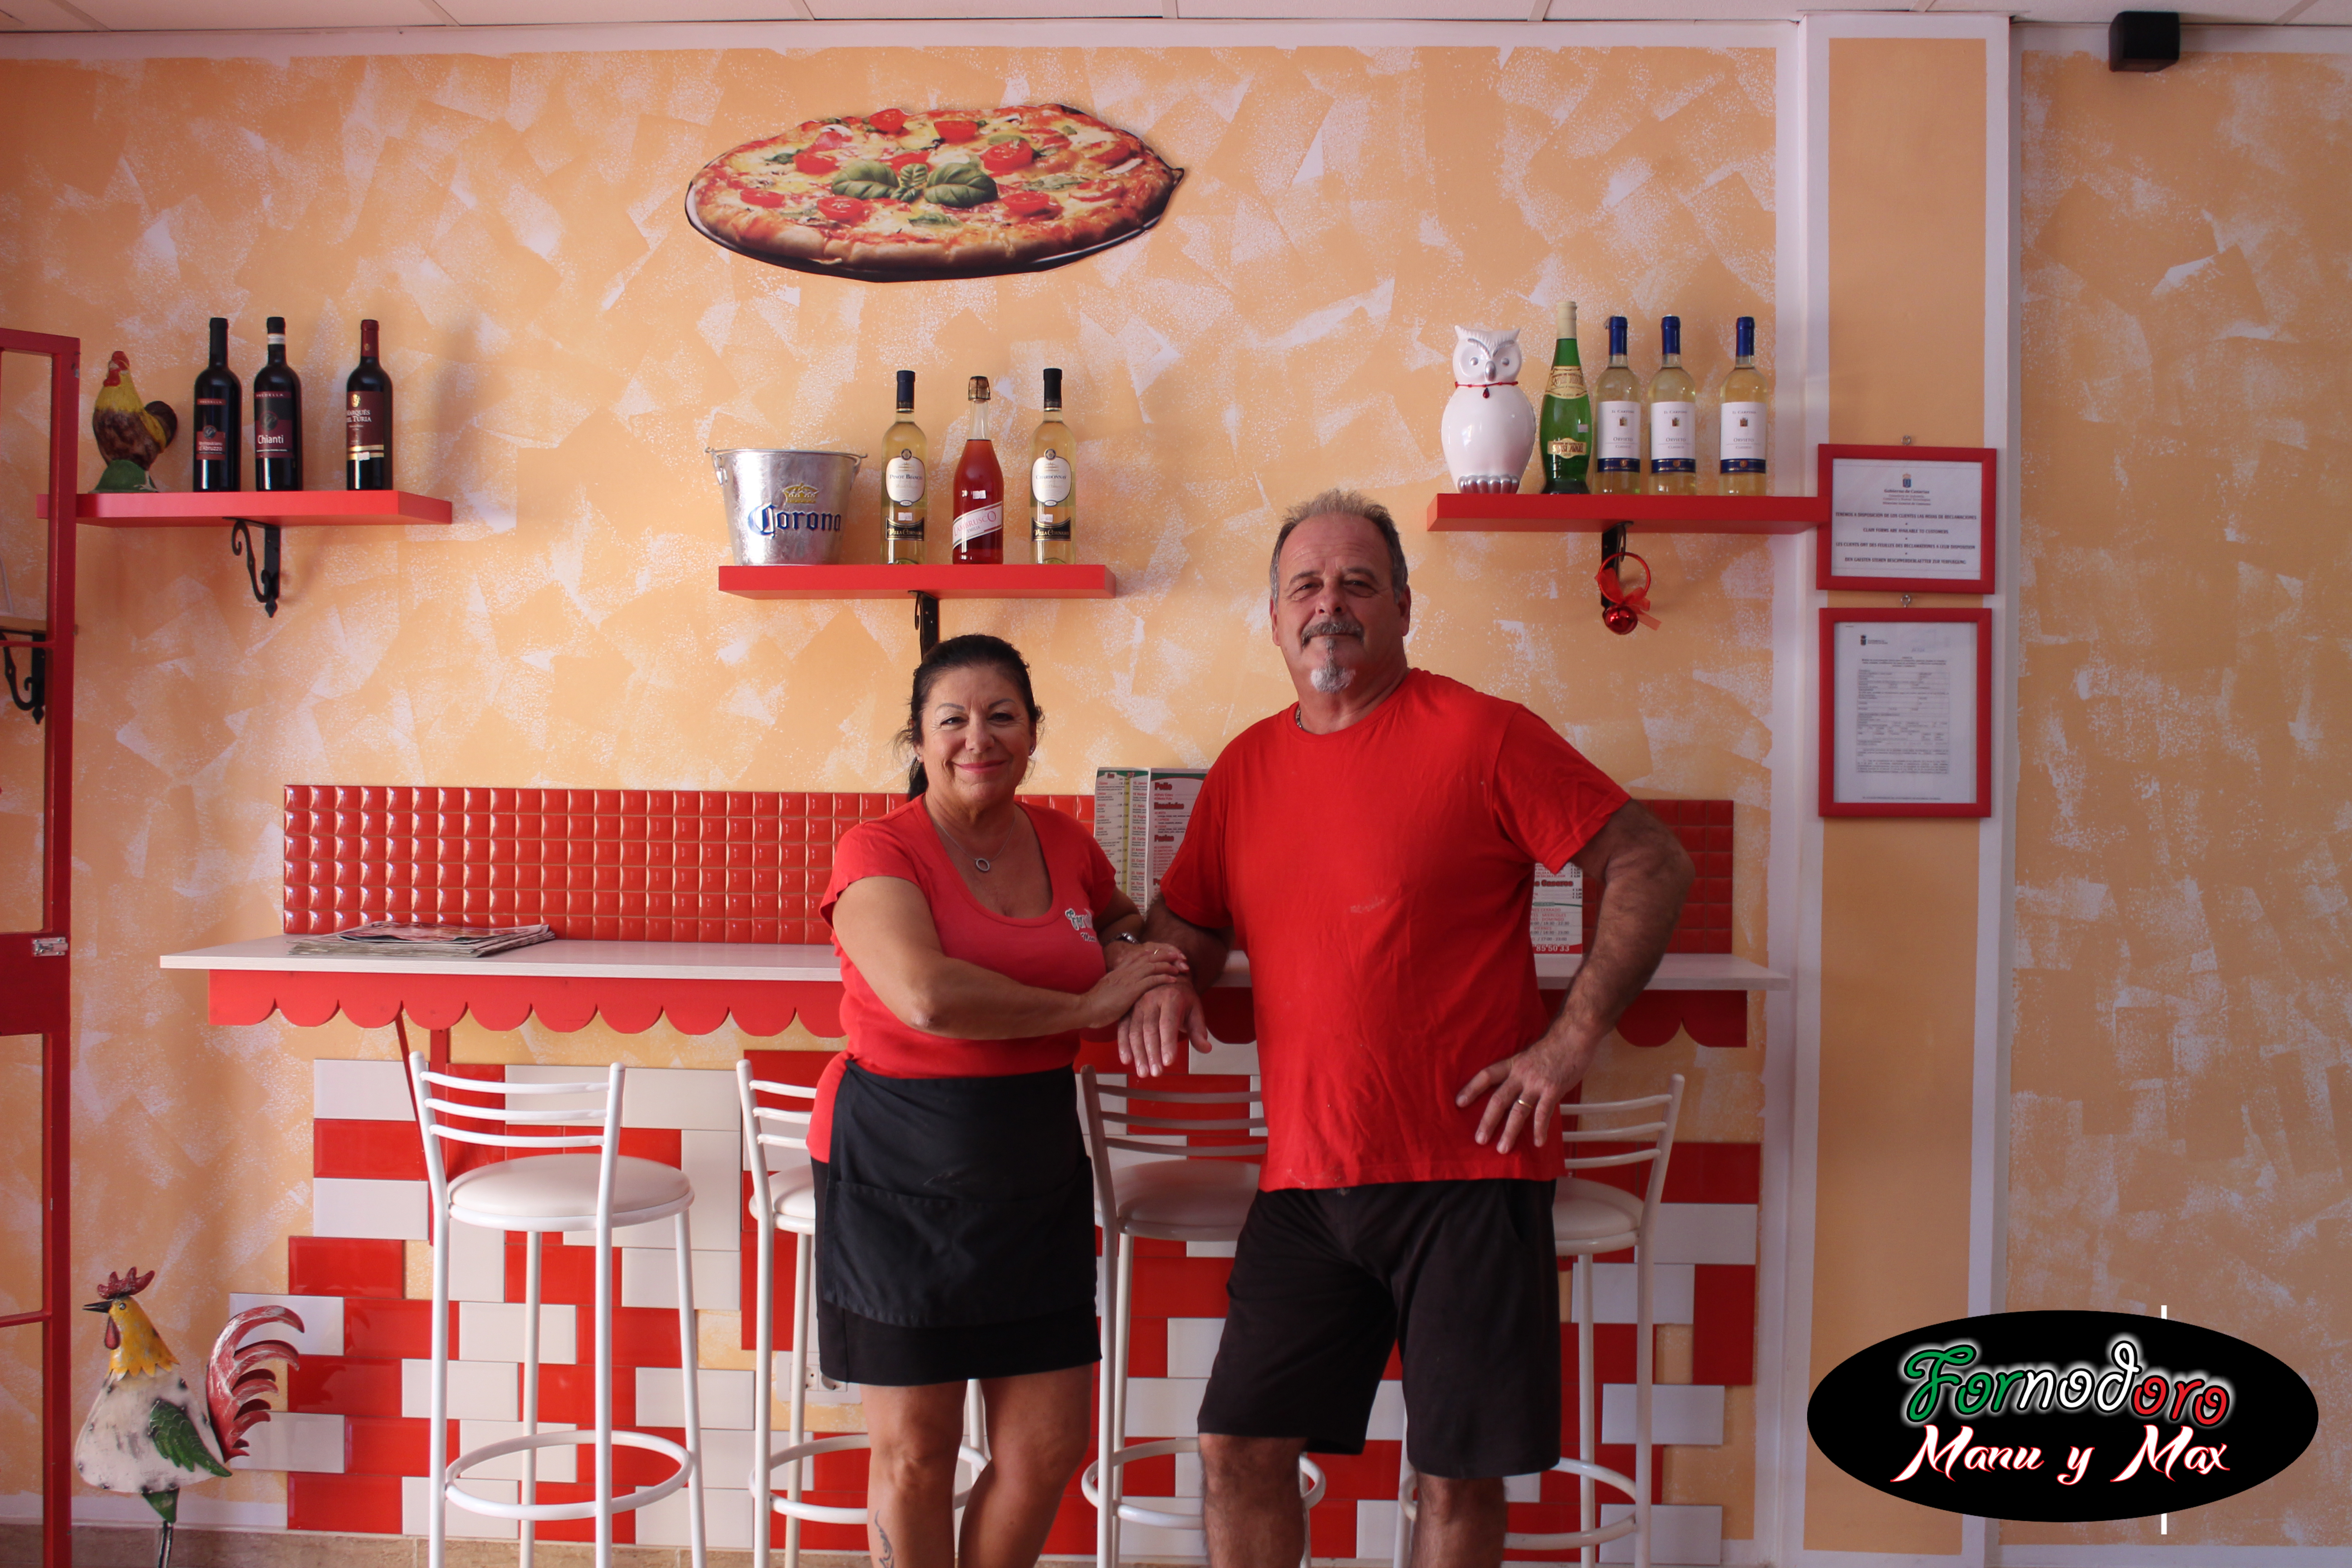 pizzeria en las chafiras fornodoro manu y max